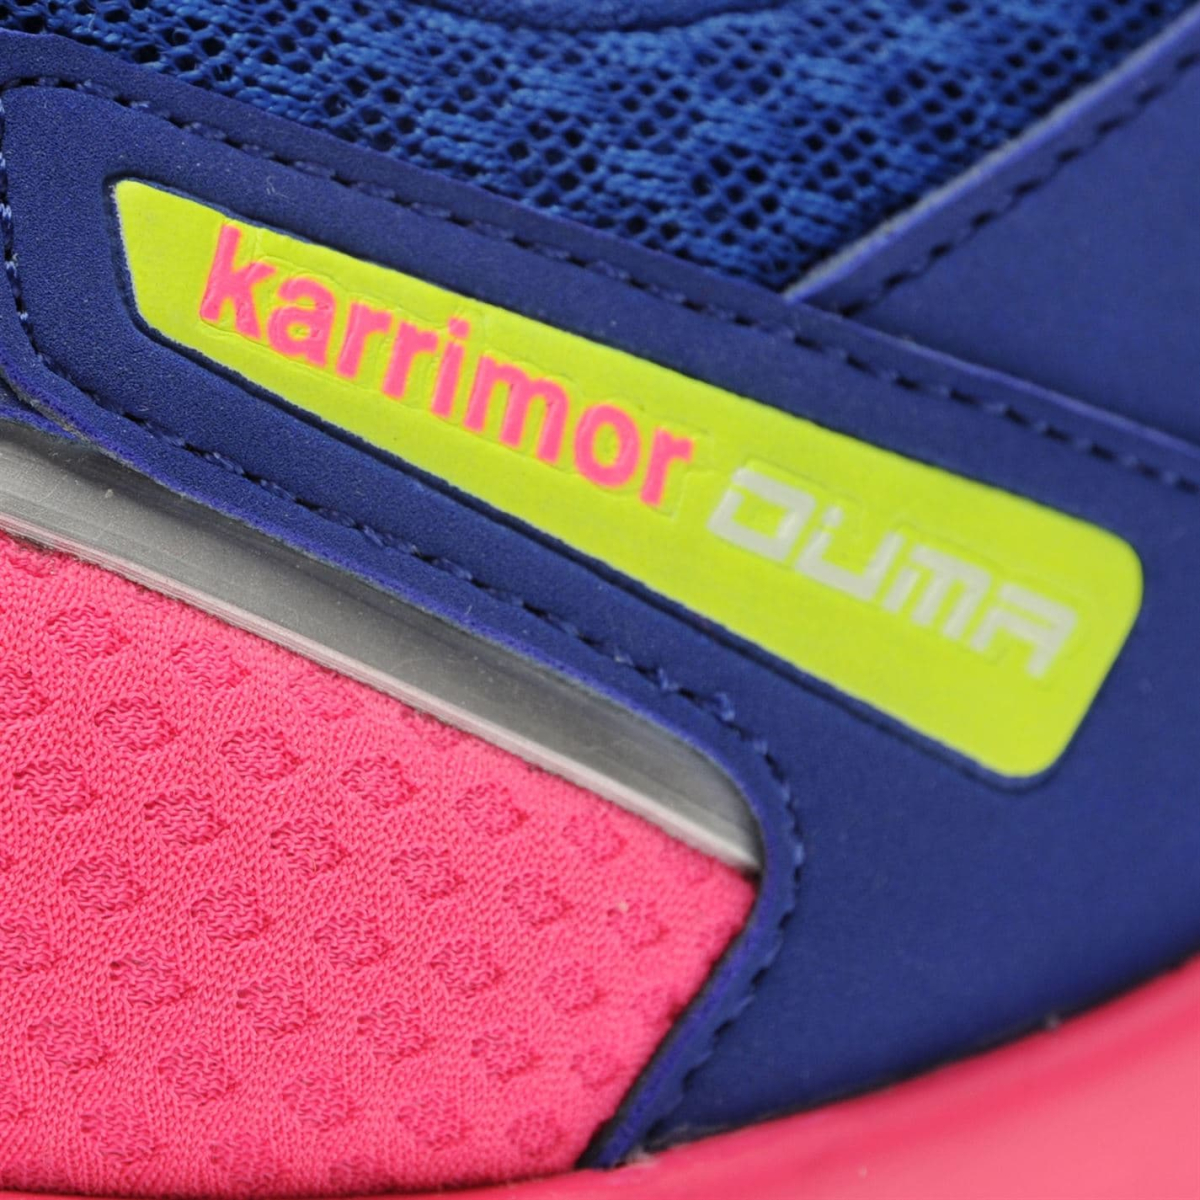 Karrimor Duma Turnschuhe Kinder Mädchen Blau_Pink_Lime